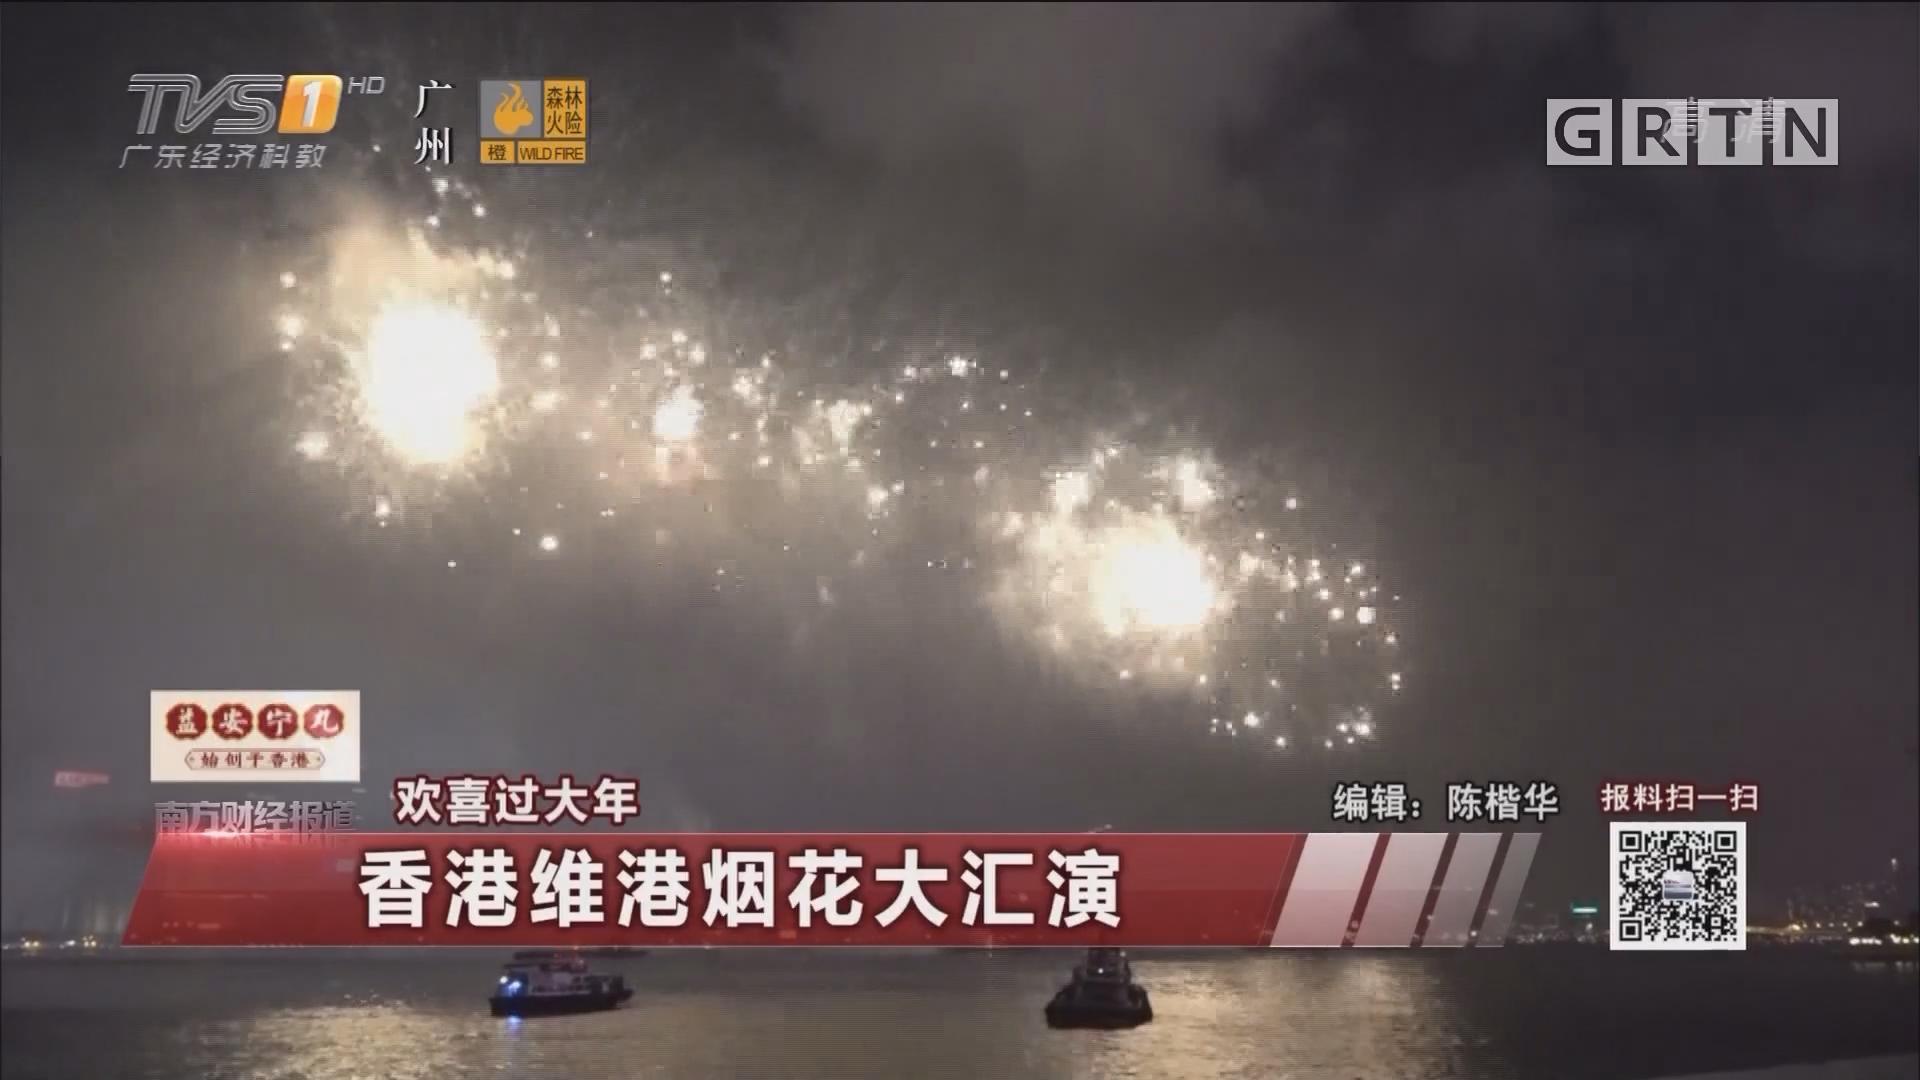 欢喜过大年:香港维港烟花大汇演